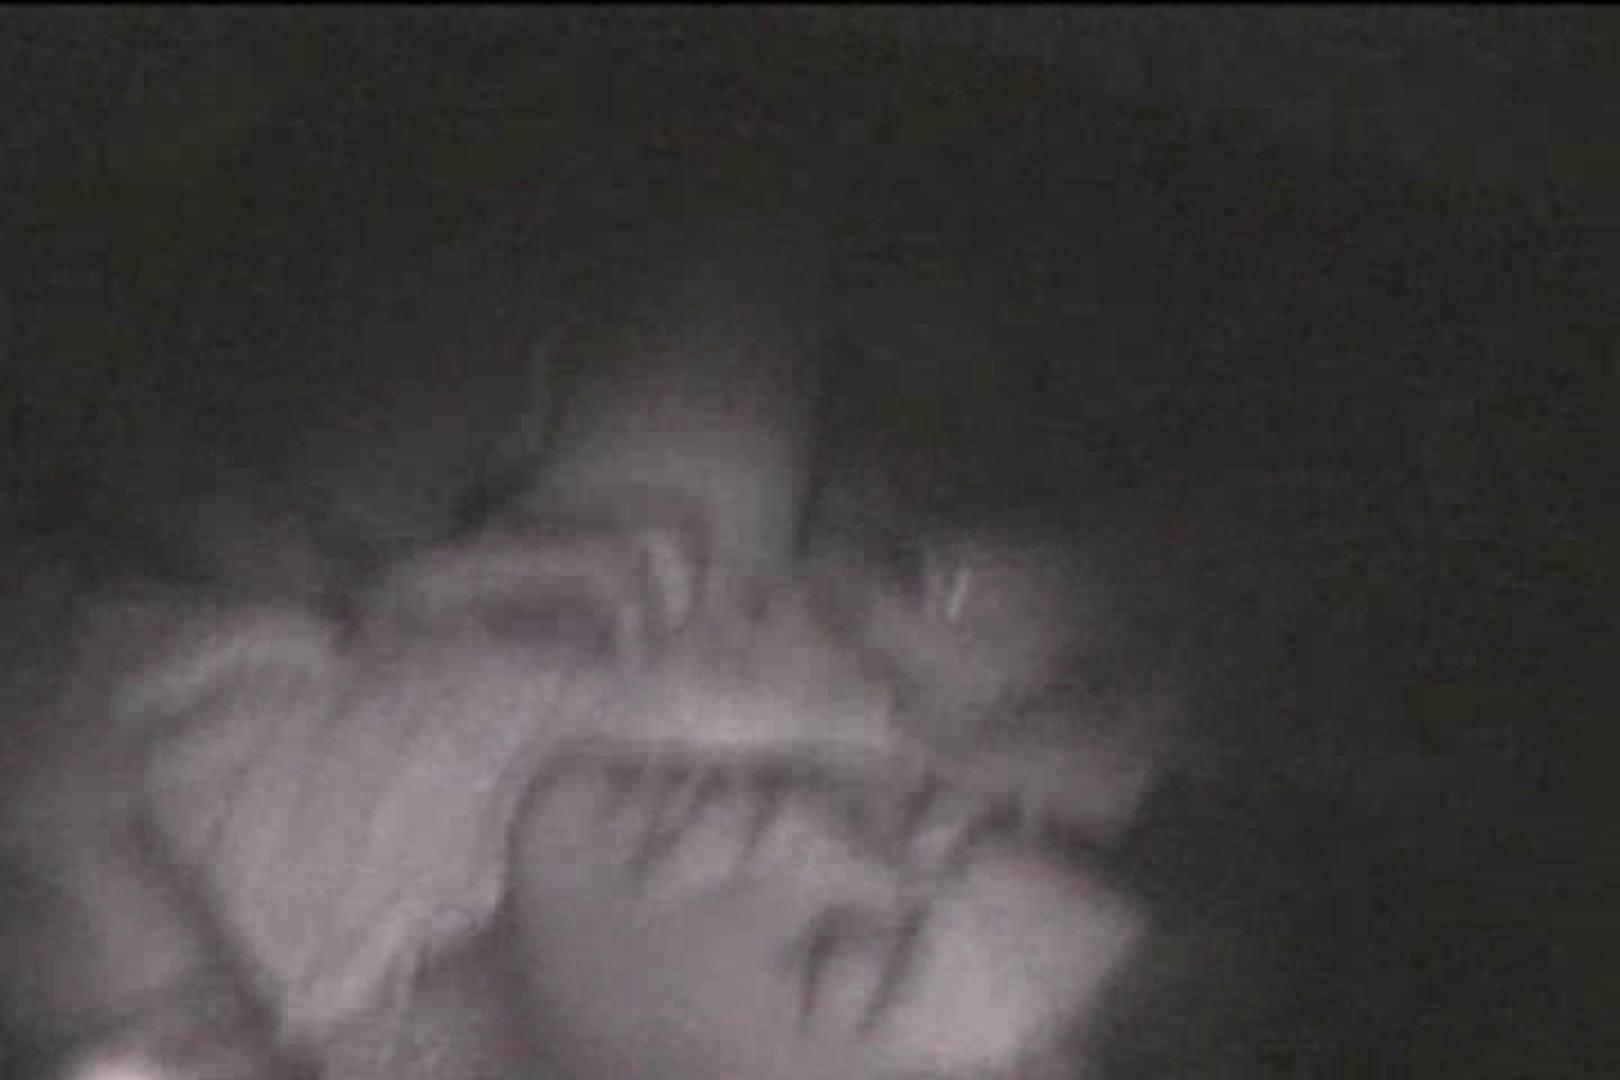 蔵出し!!赤外線カーセックスVol.28 熟女 オマンコ無修正動画無料 68PIX 30